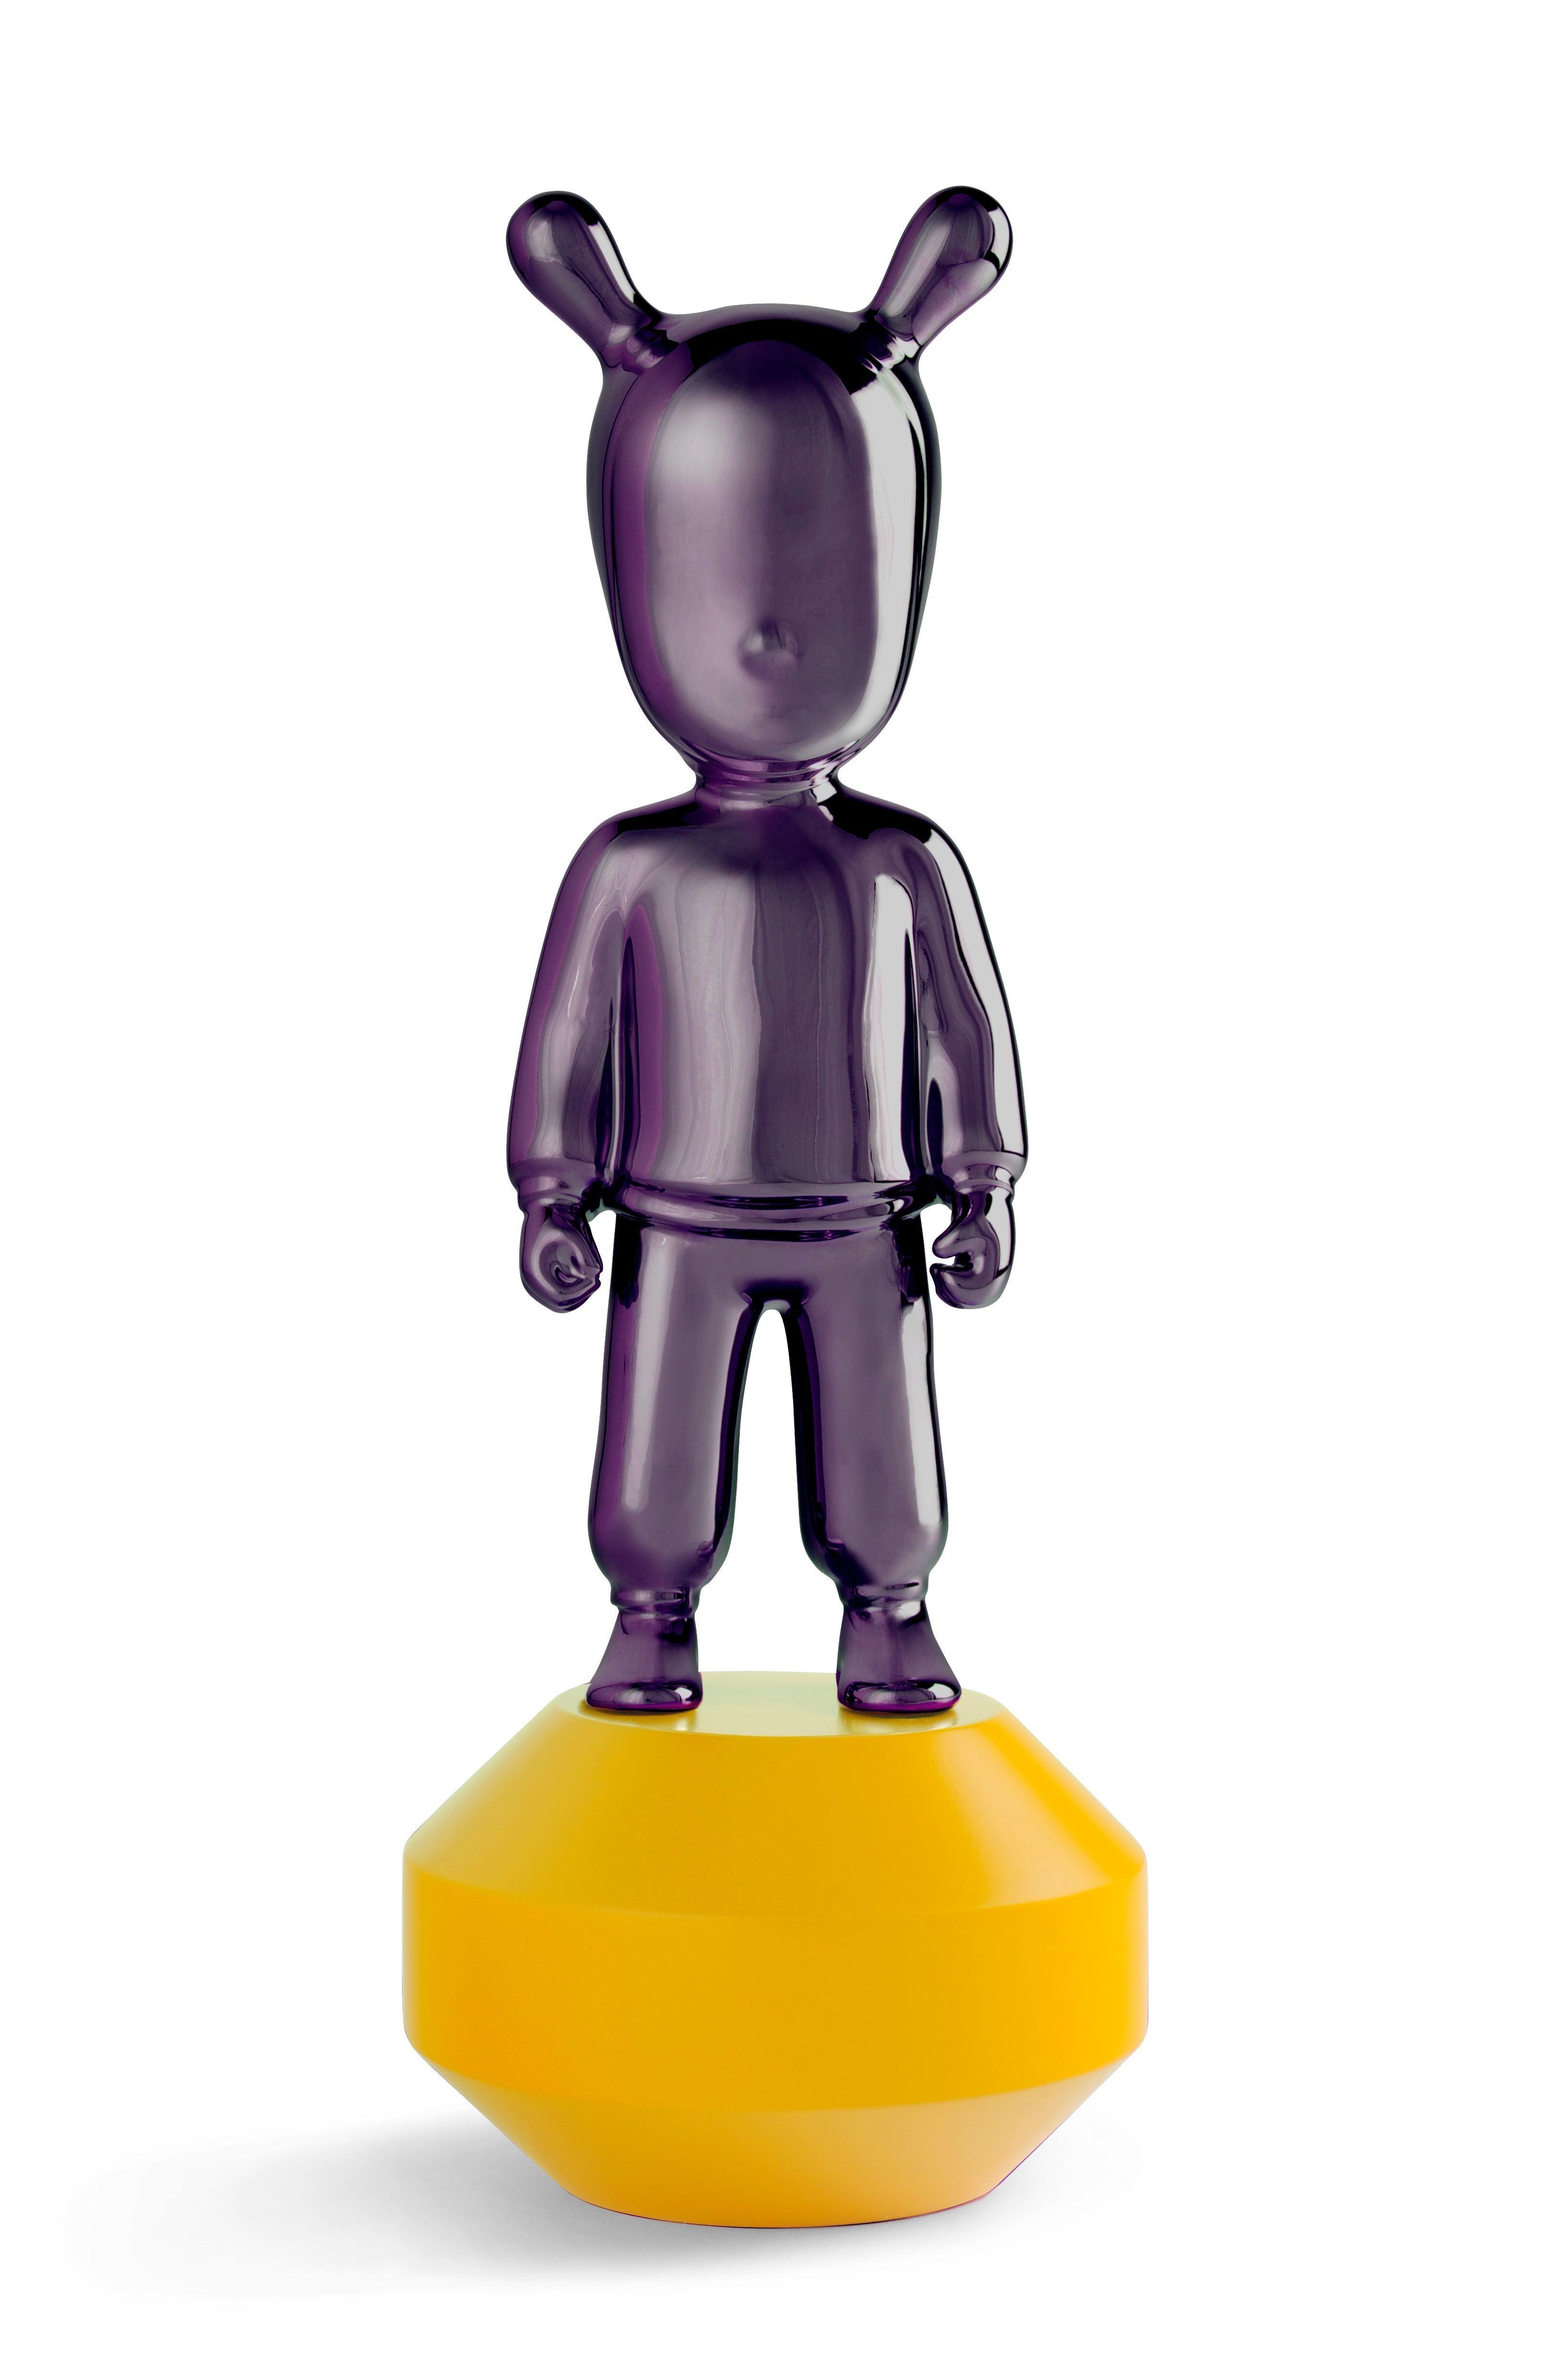 Lladro Guest Little Figurine by Lladró Atelier